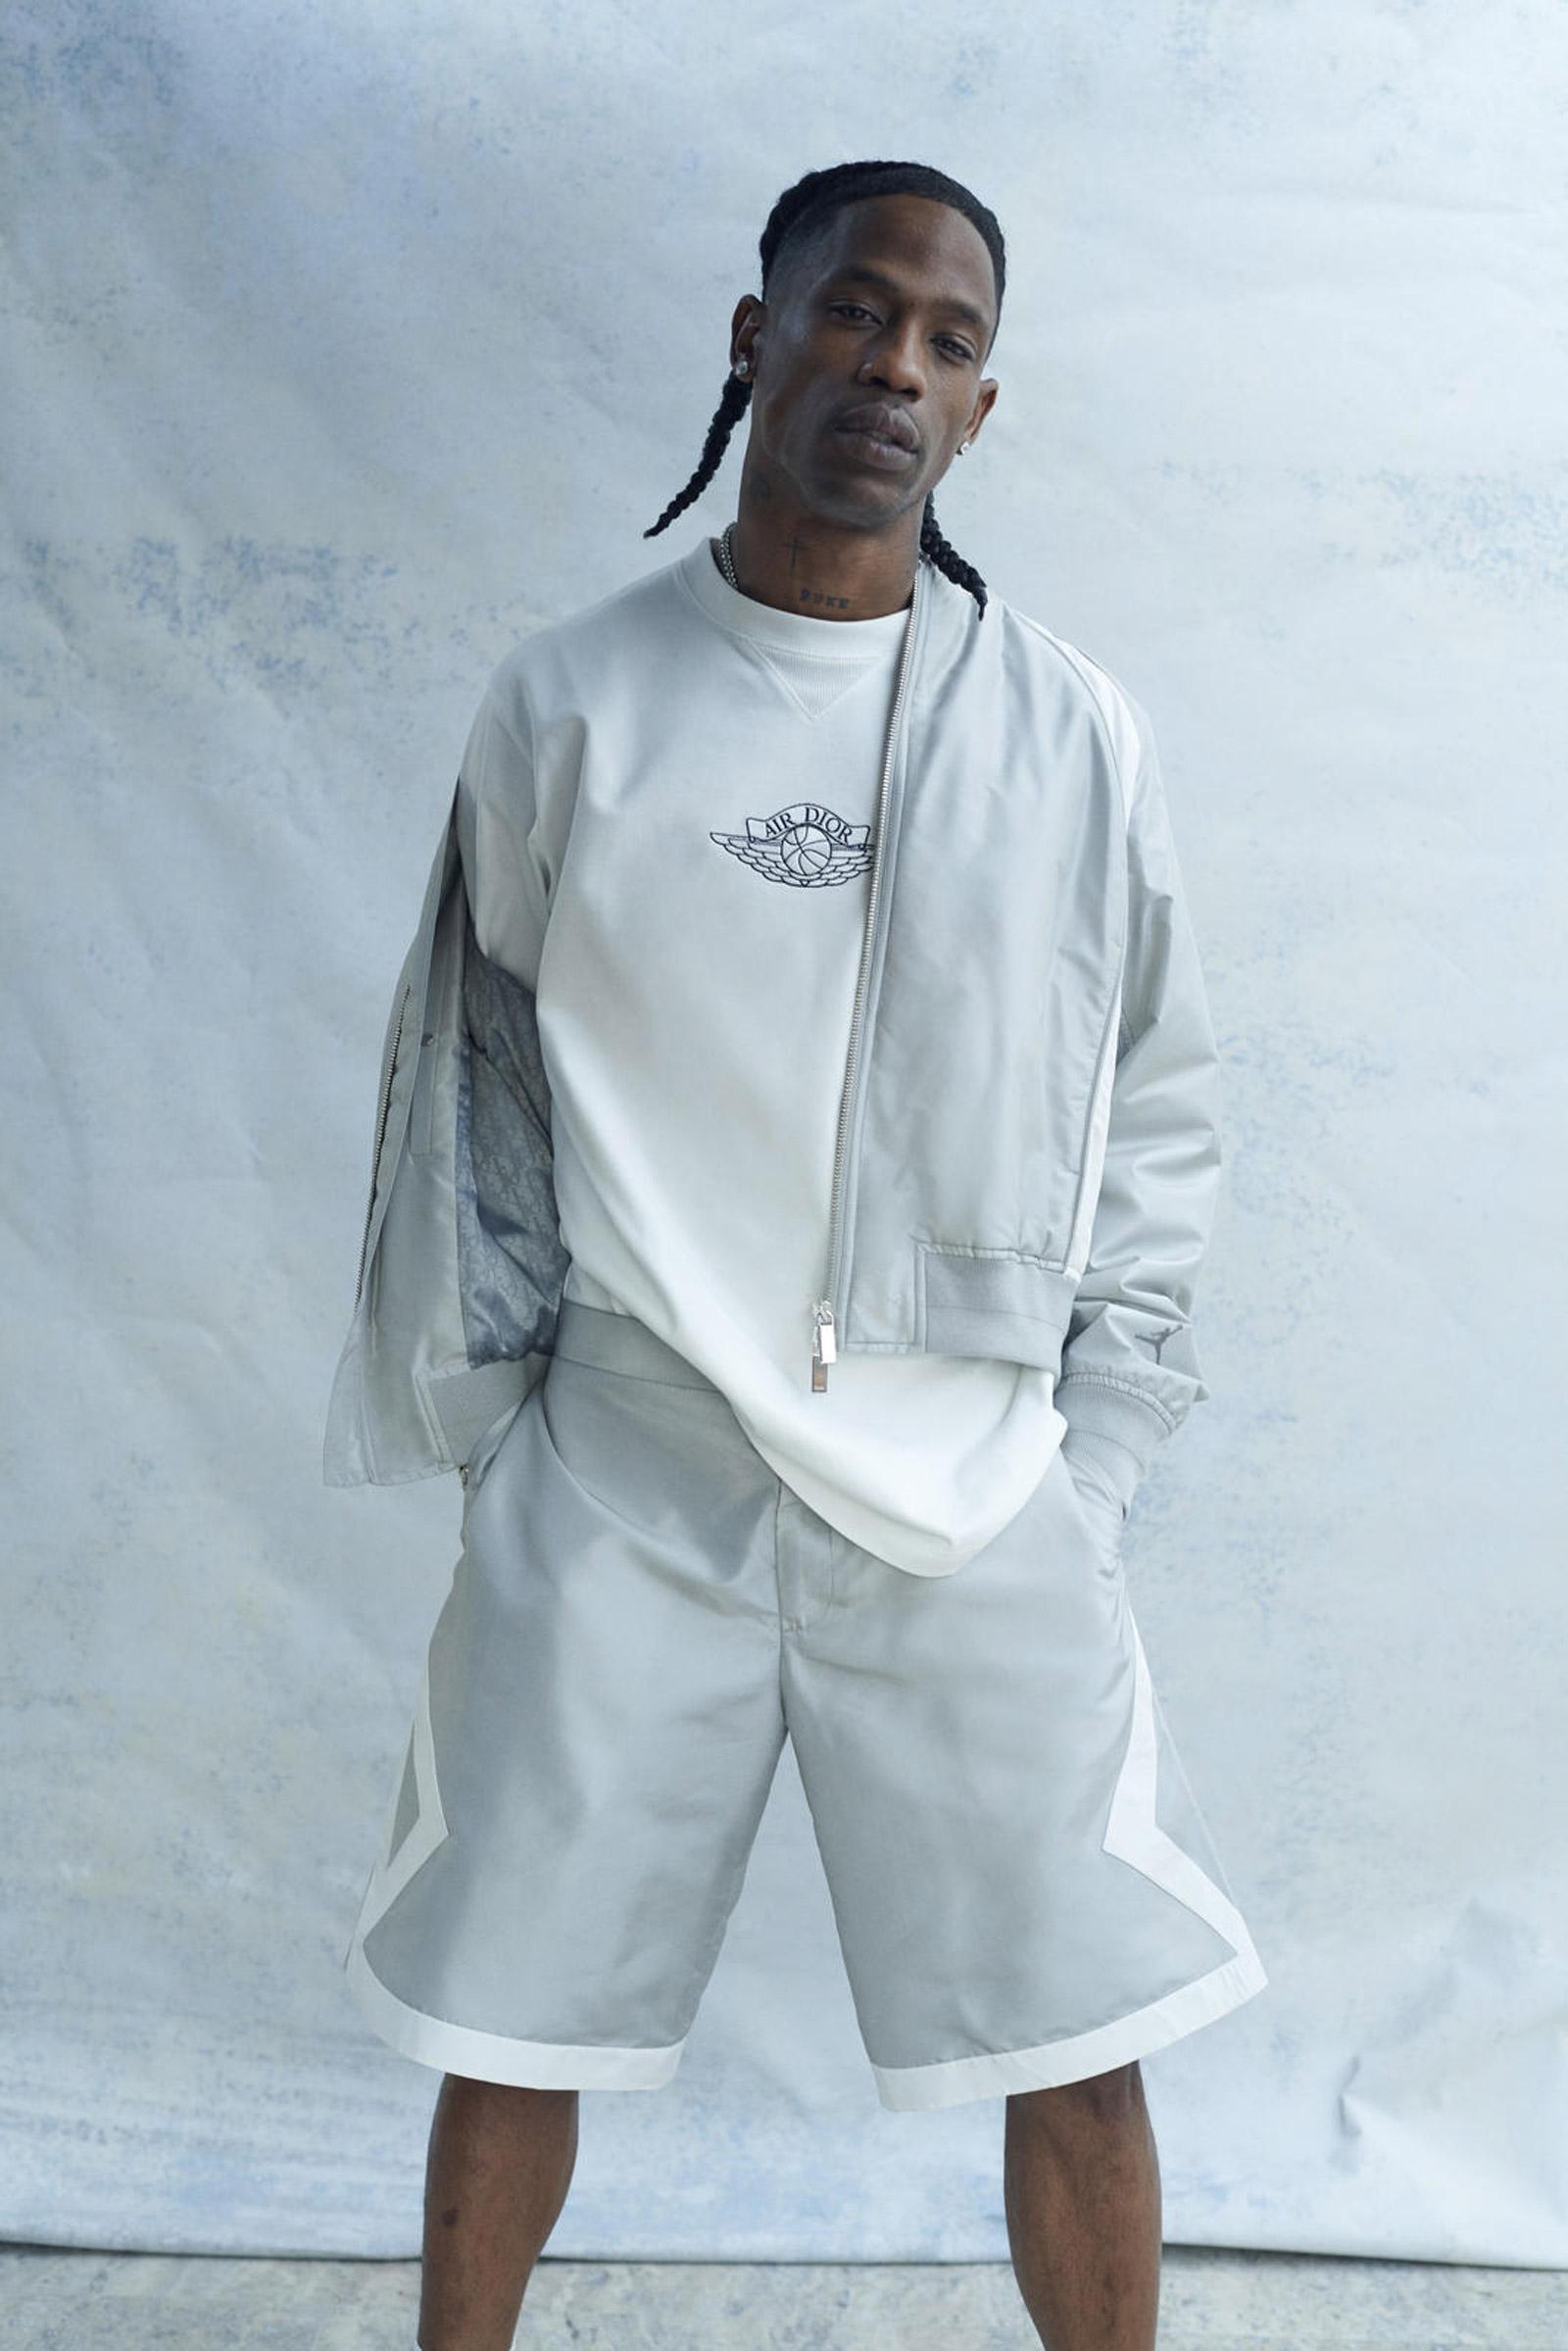 Travis Scott protagoniza el lookbook de la esperada colaboración Jordan Brand x Dior